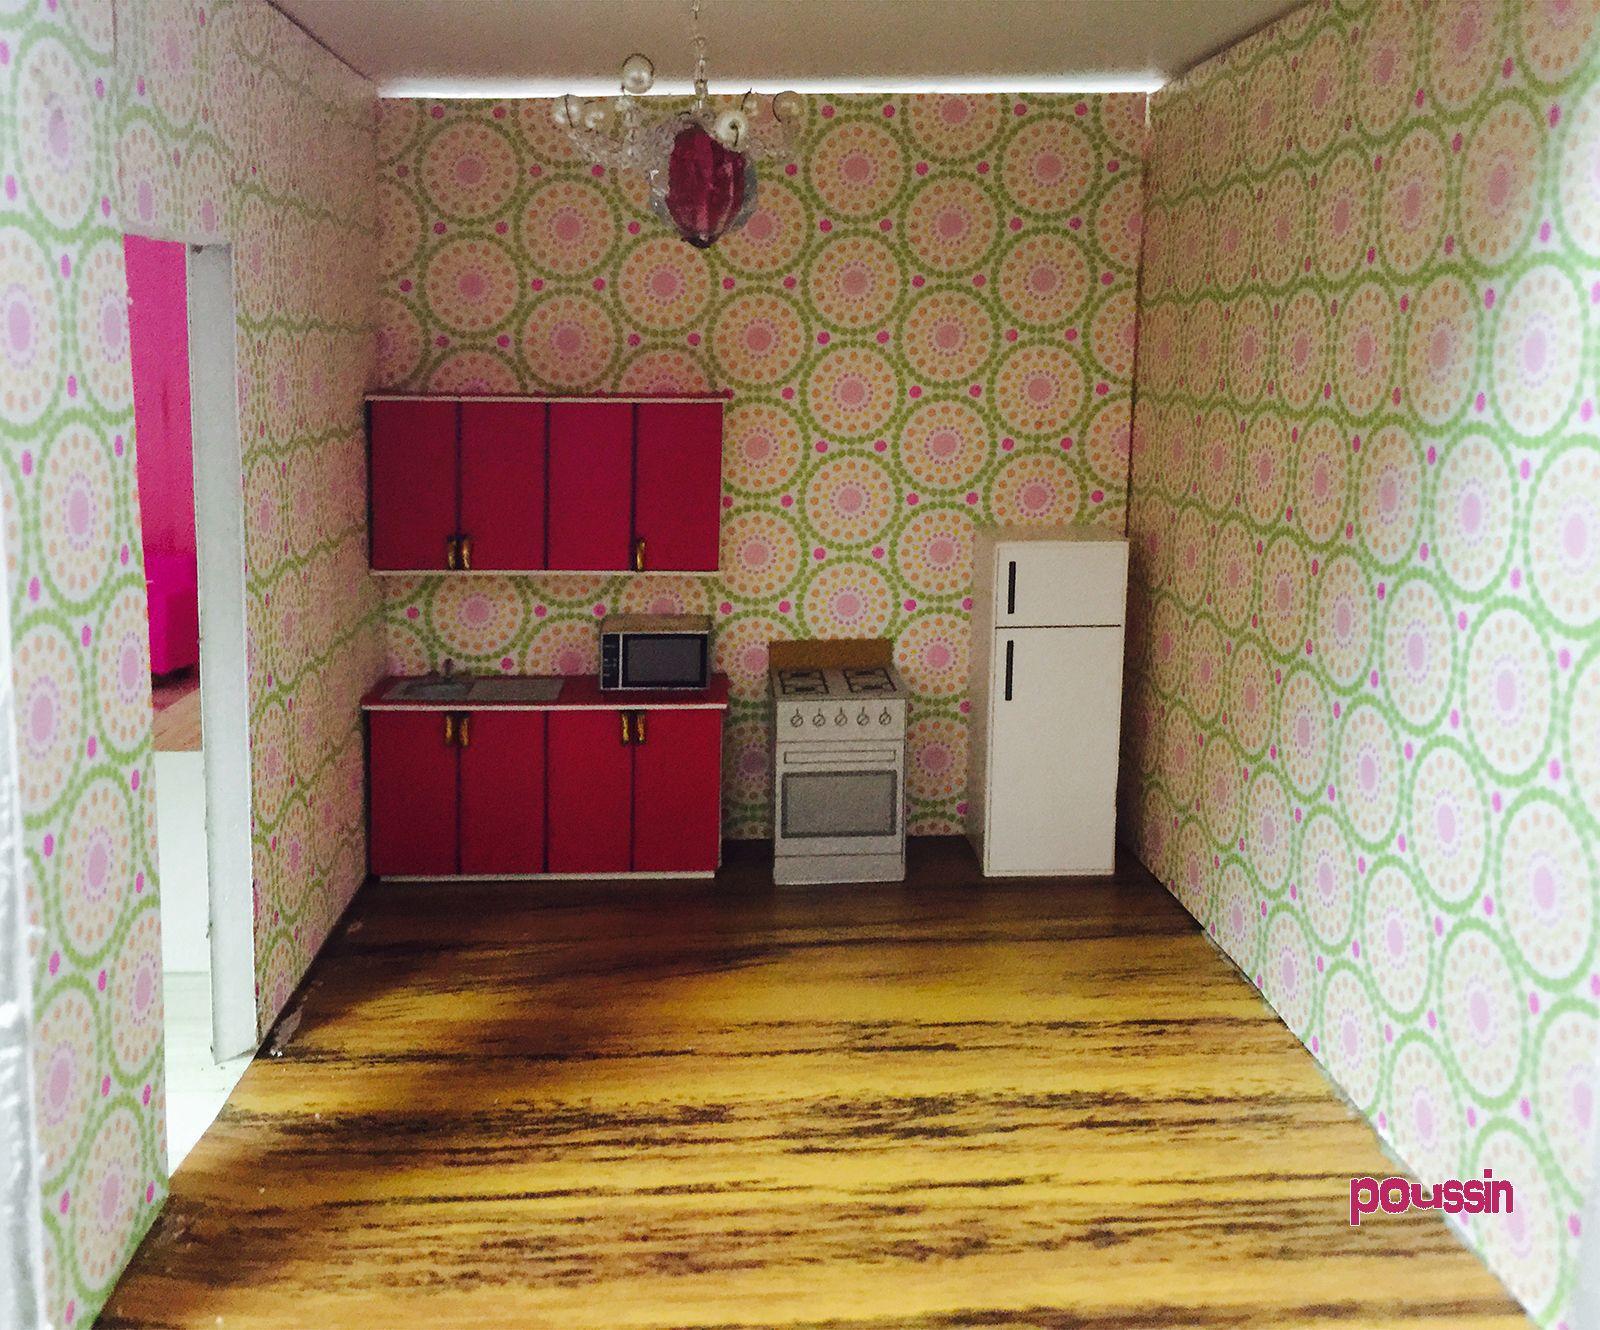 Estancia cocina maquetas dise o de interiores for Quiero estudiar diseno de interiores